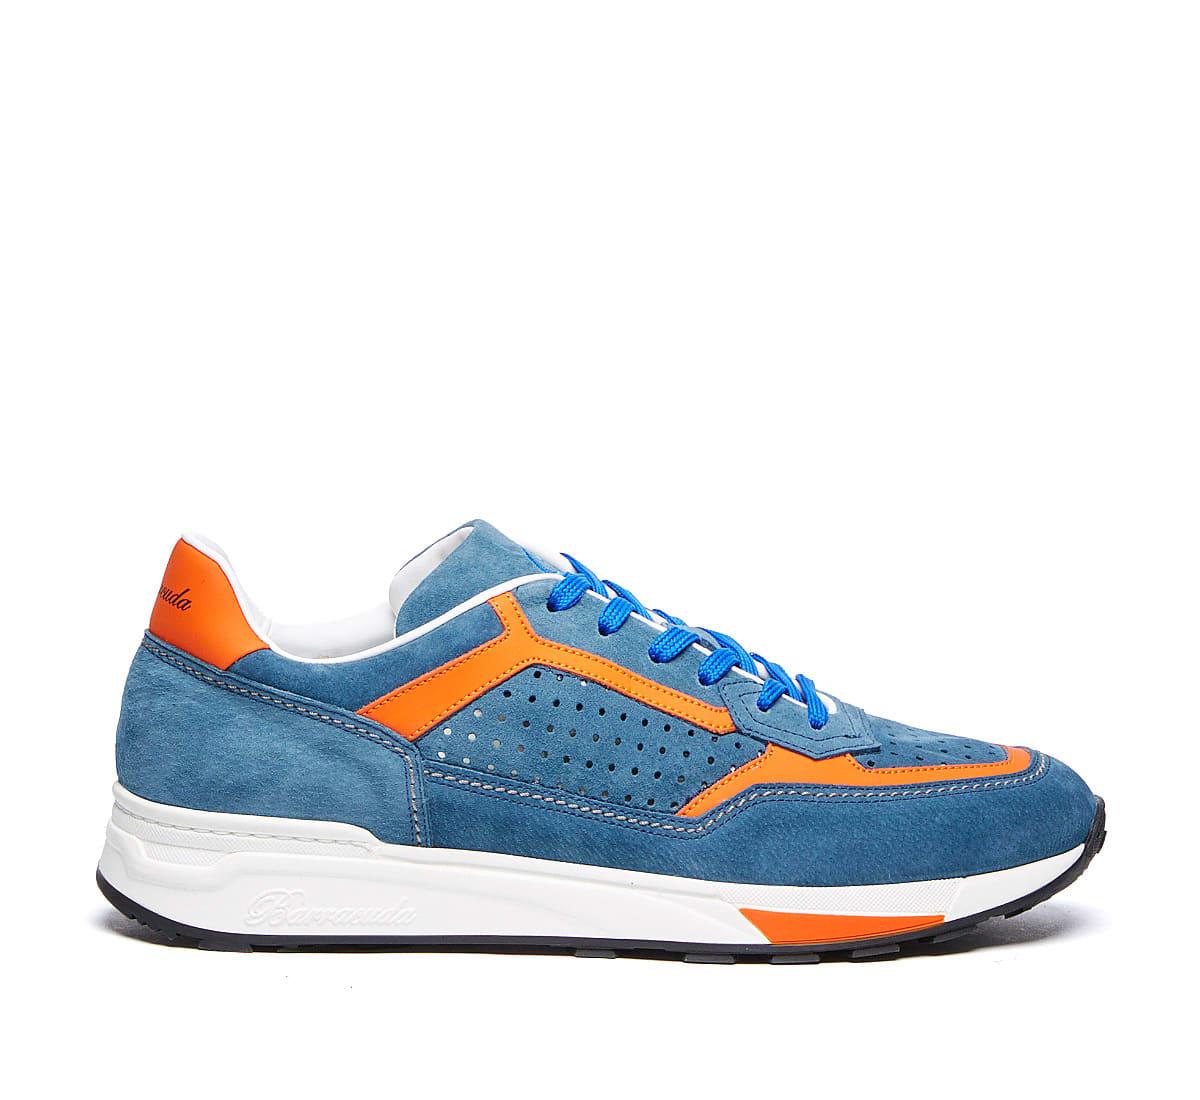 Barracuda Sneaker In Avio/arancio